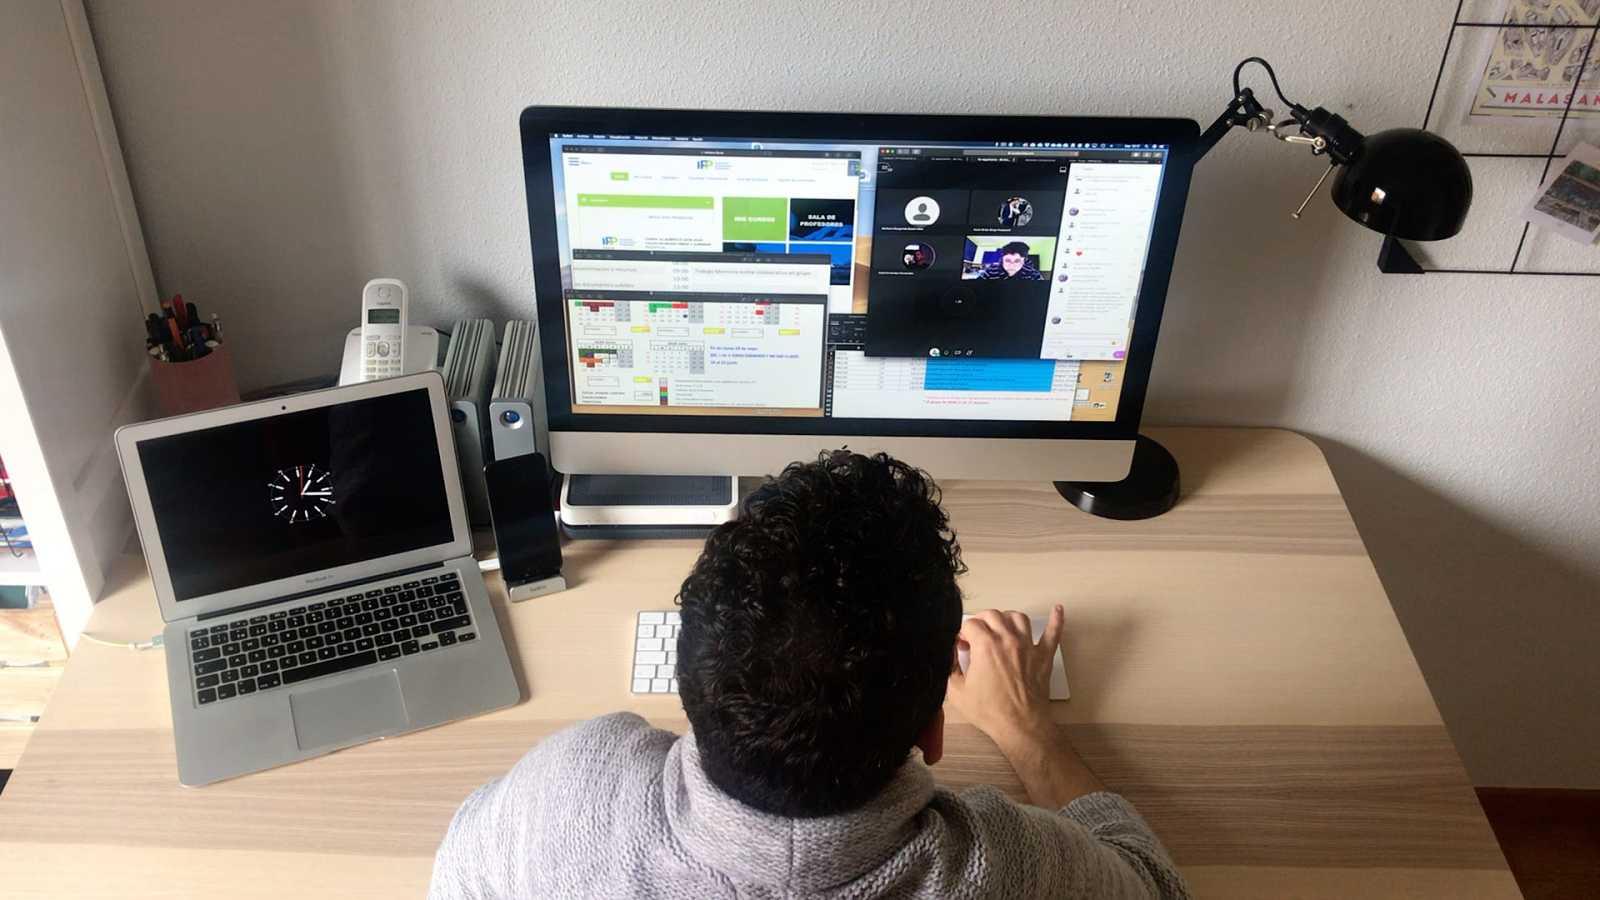 Clases por videoconferencia, el reto tecnológico que supone el confinamiento para el sector académico